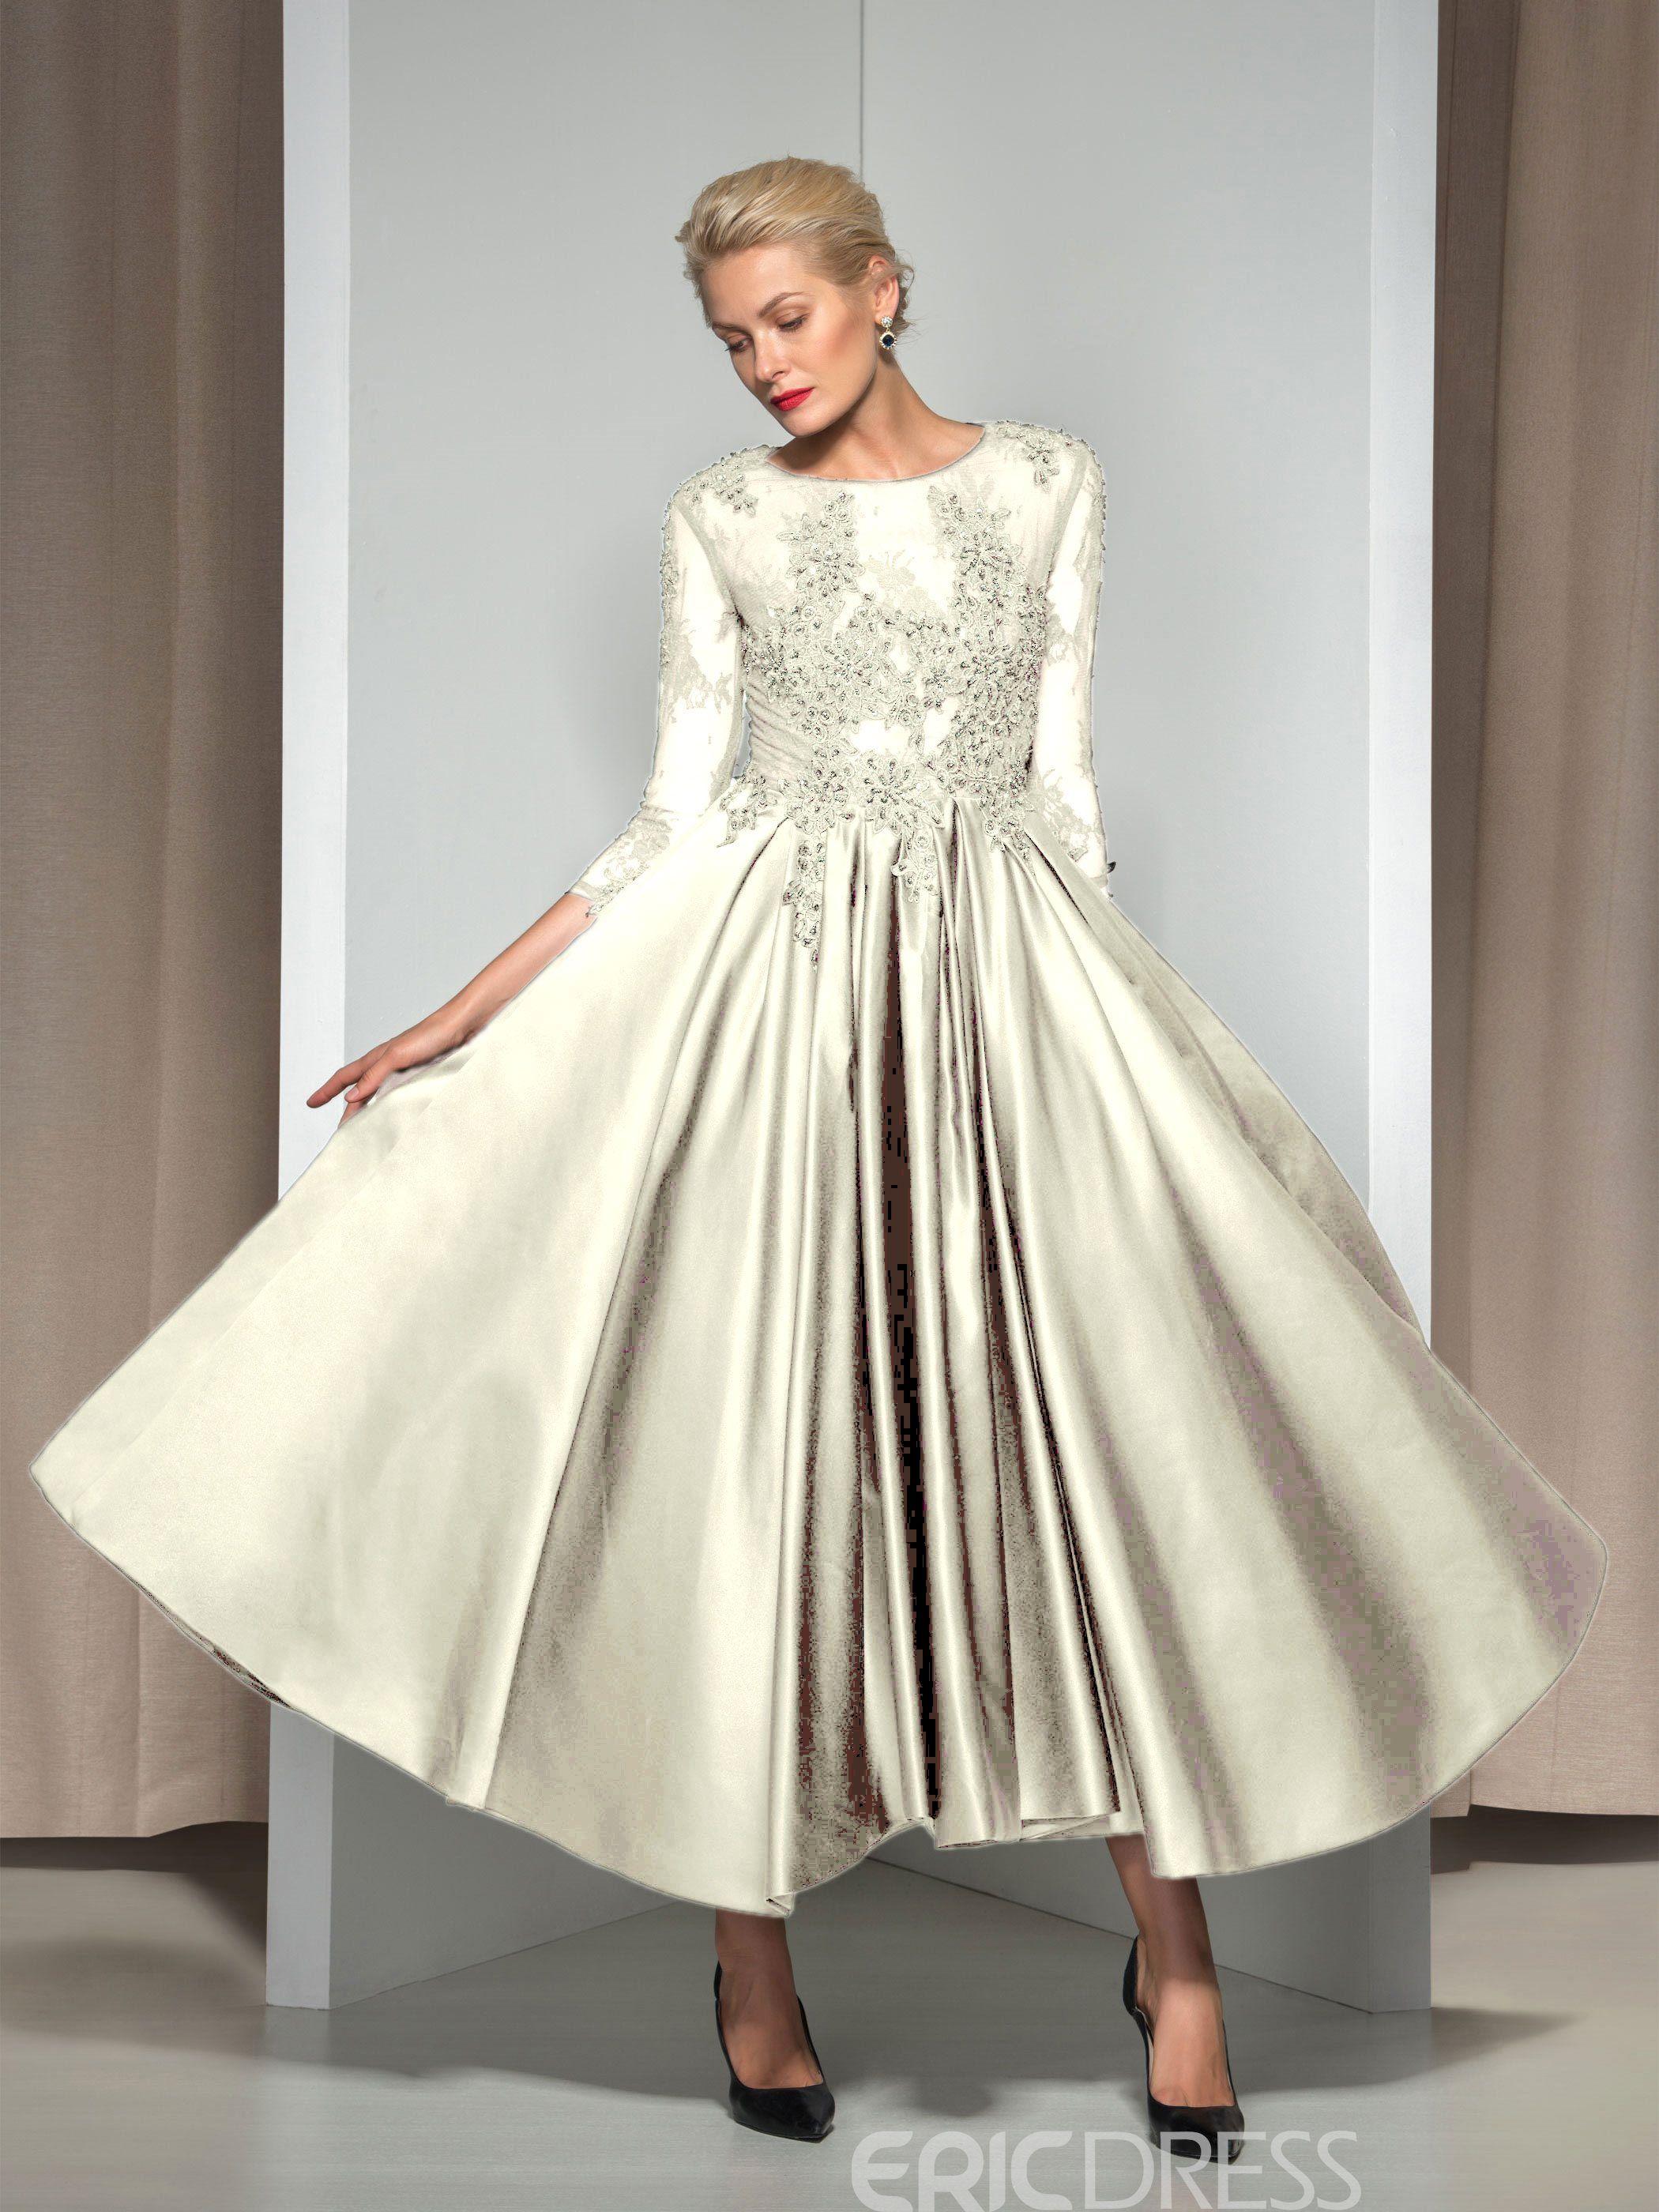 1e61d760124 Ericdress 3 4 Long Sleeve Appliques Asymmetrical Length Evening Dress  11426766 - Ericdress.com